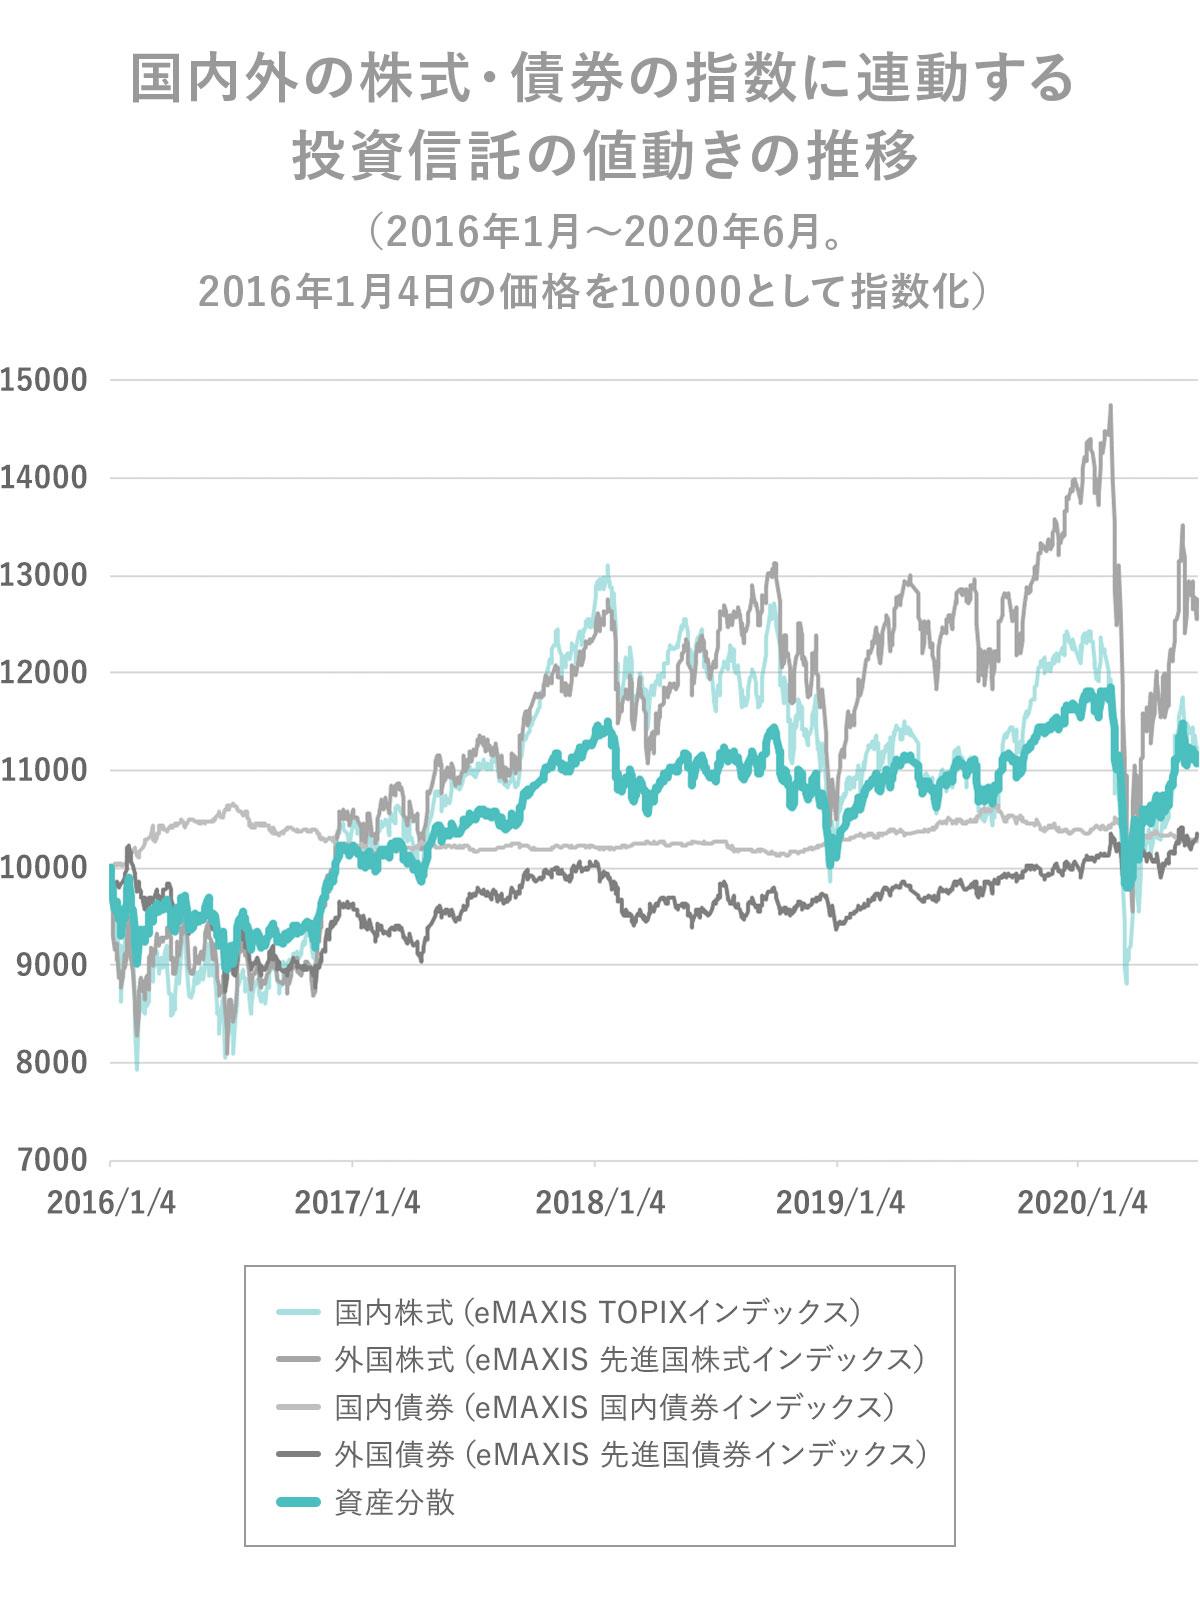 国内外の株式・債券の指数に連動する投資信託の値動きの推移